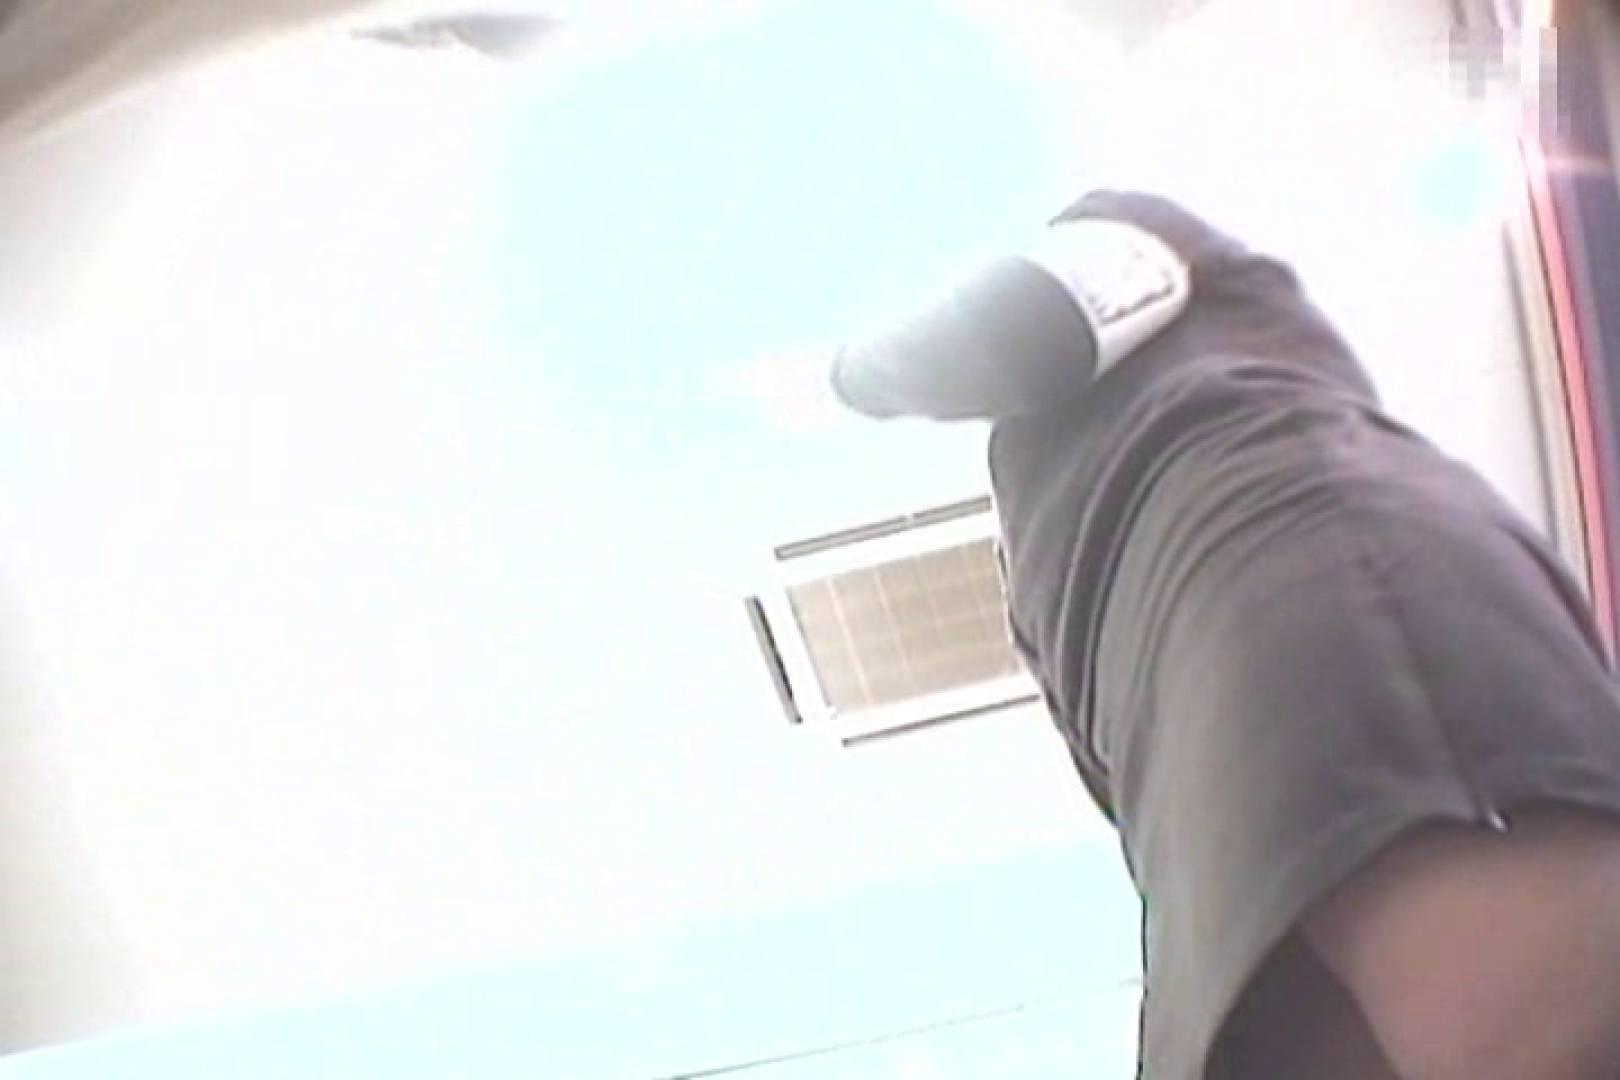 デパートローアングル徘徊 靴カメ盗撮Vol.11 盗撮特集 おまんこ無修正動画無料 99画像 3